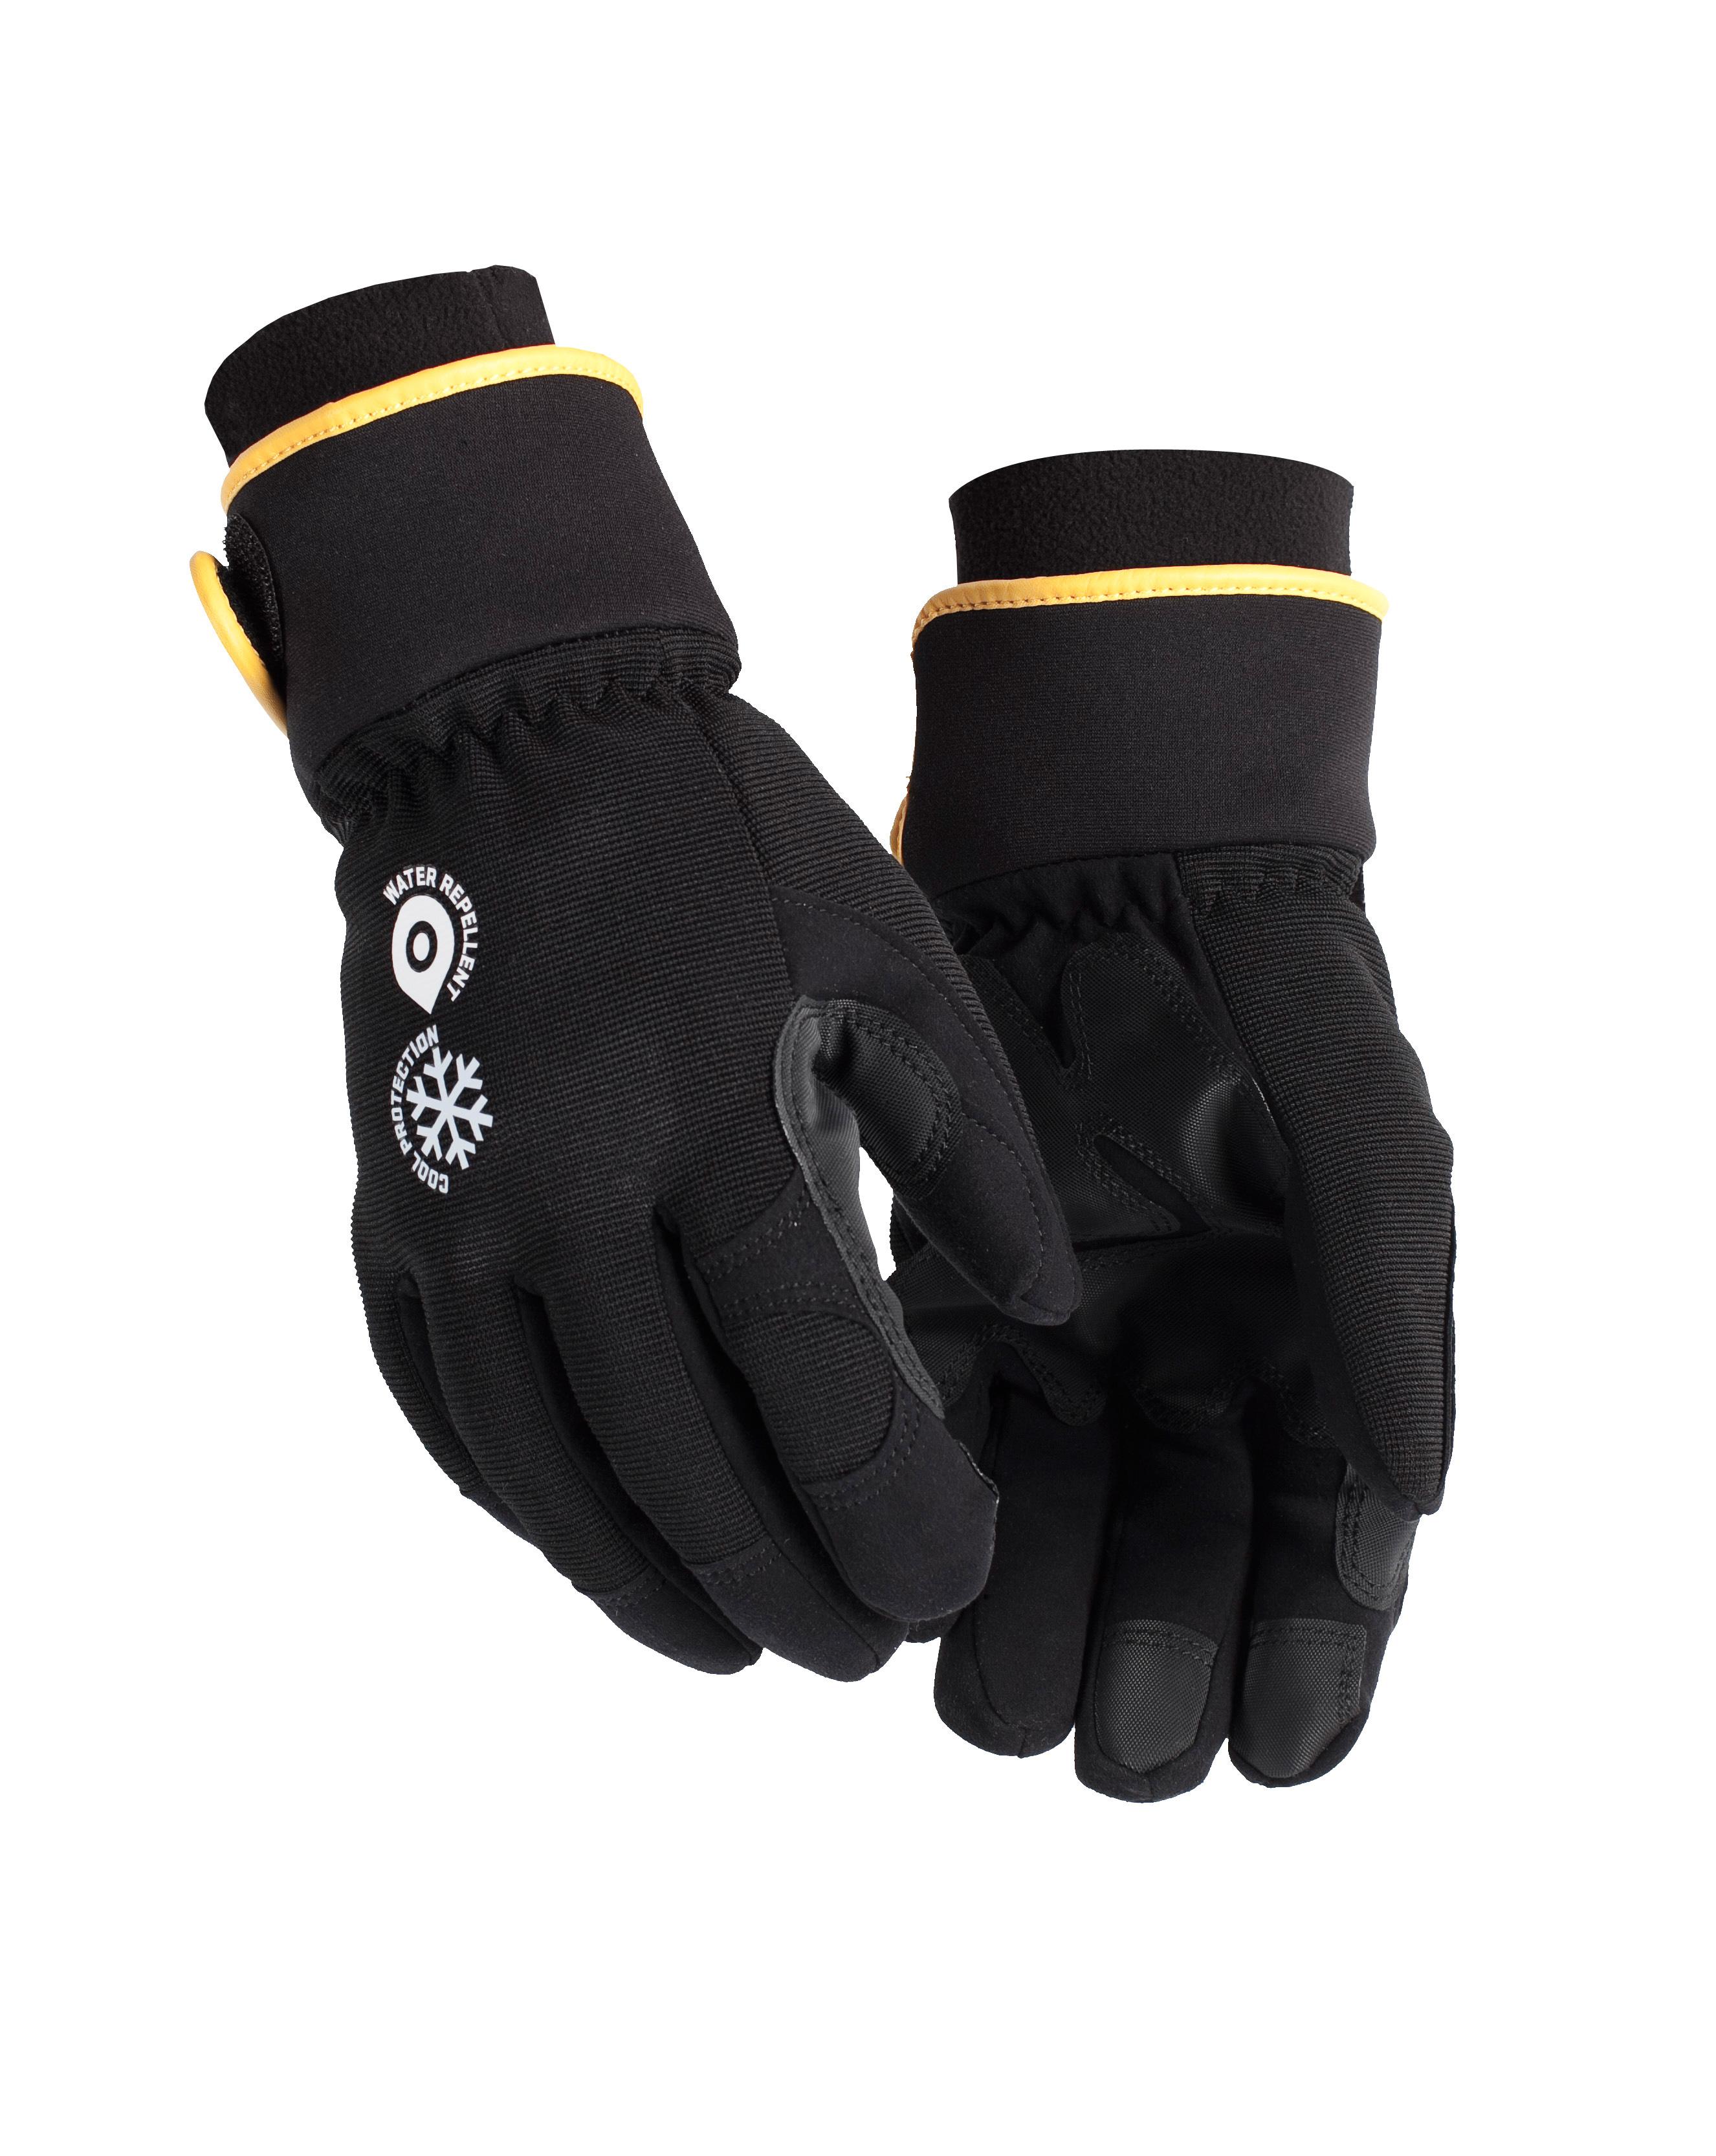 gants anti huile hiver noir gris v tements de travail couvreur charpentier menuisier. Black Bedroom Furniture Sets. Home Design Ideas